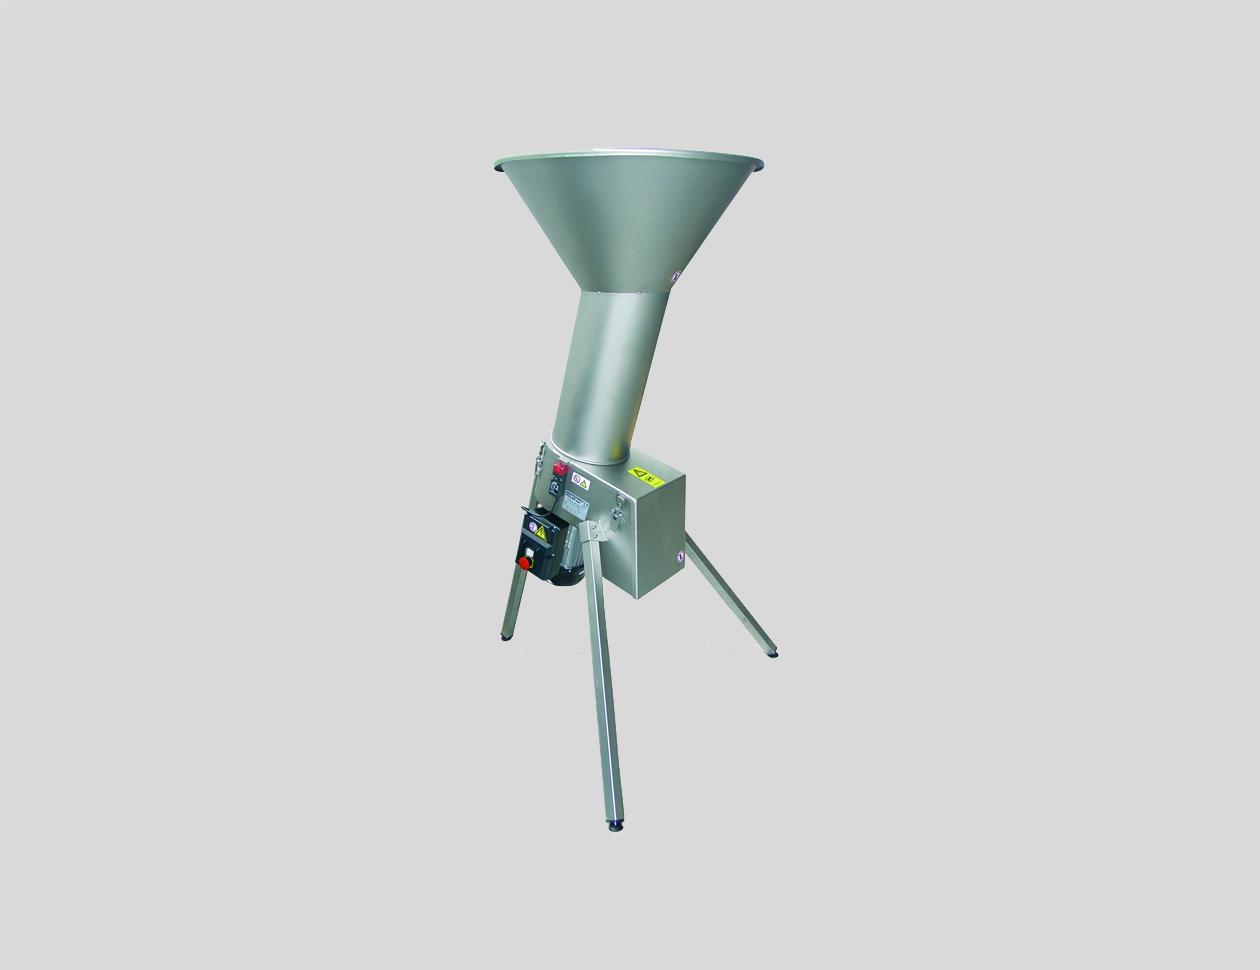 Maxi mixer